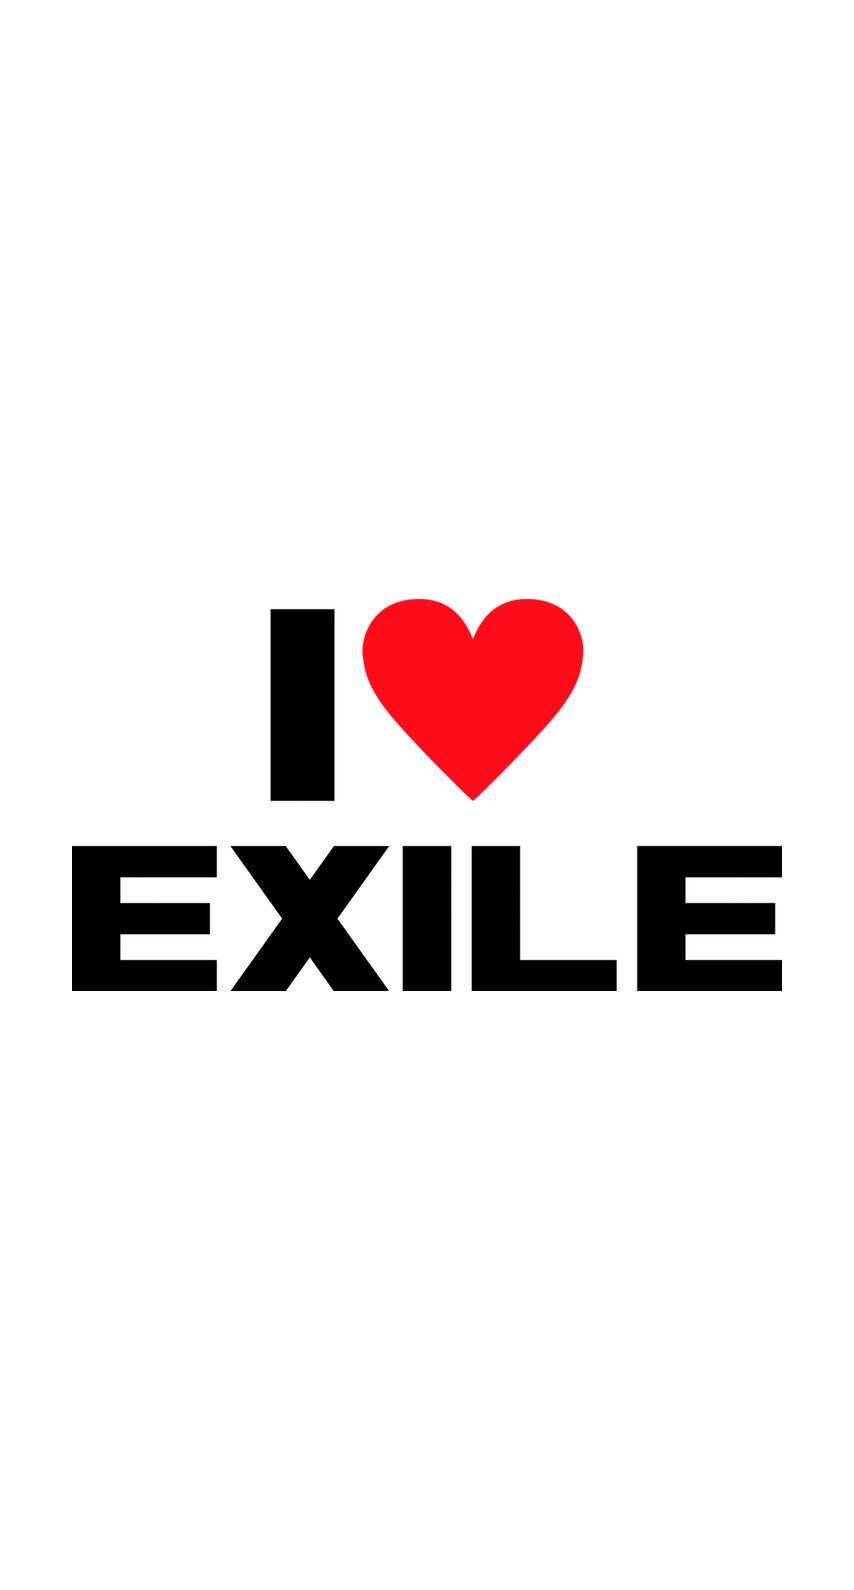 Exileファンにおすすめ I Love Exile めちゃ人気 Iphone壁紙dj